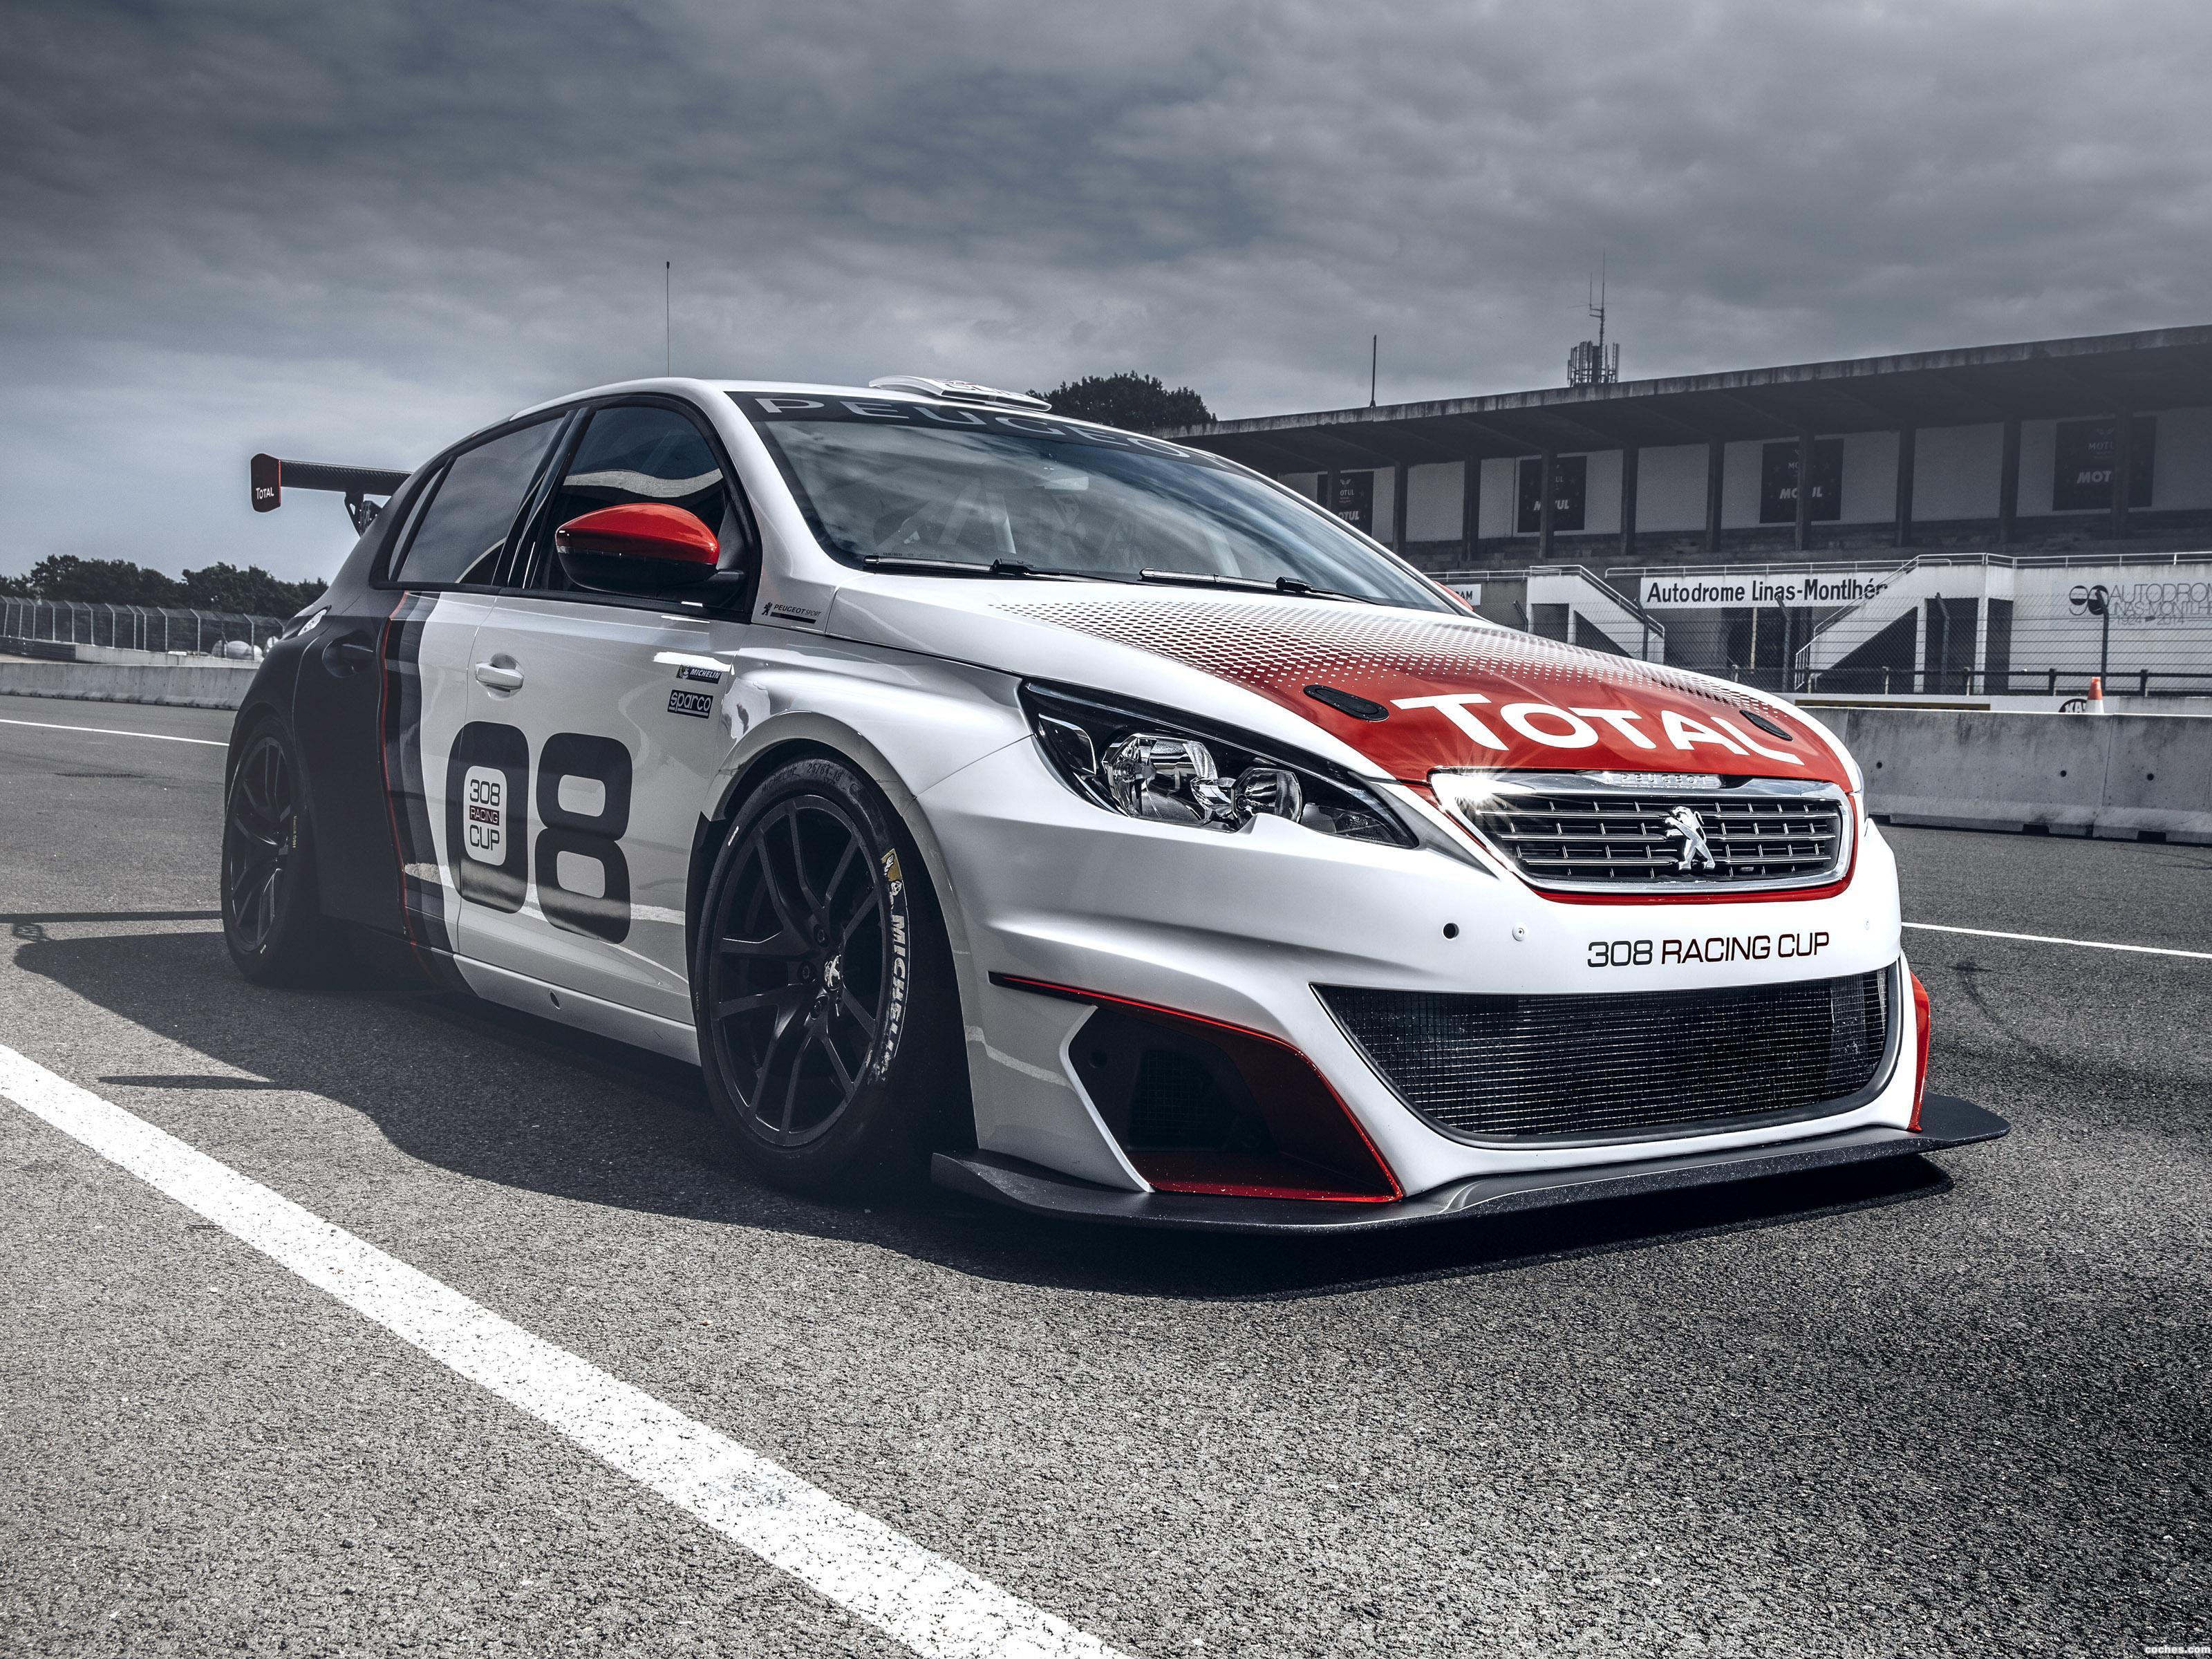 Foto 0 de Peugeot 308 Racing Cup 2015